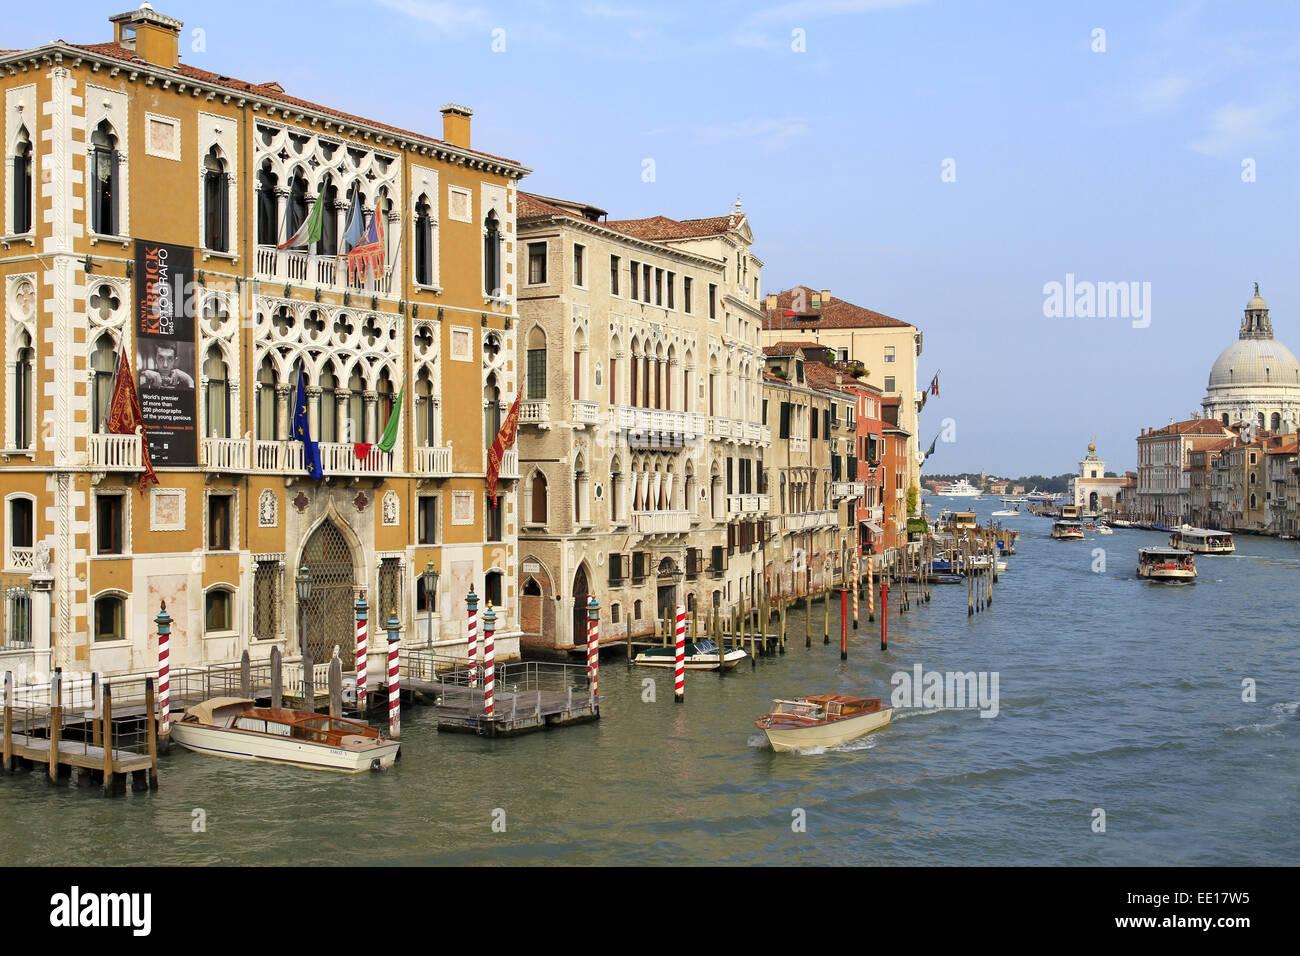 Palazzo Cavalli Franchetti am Canale Grande in Venedig, Italien Stock Photo